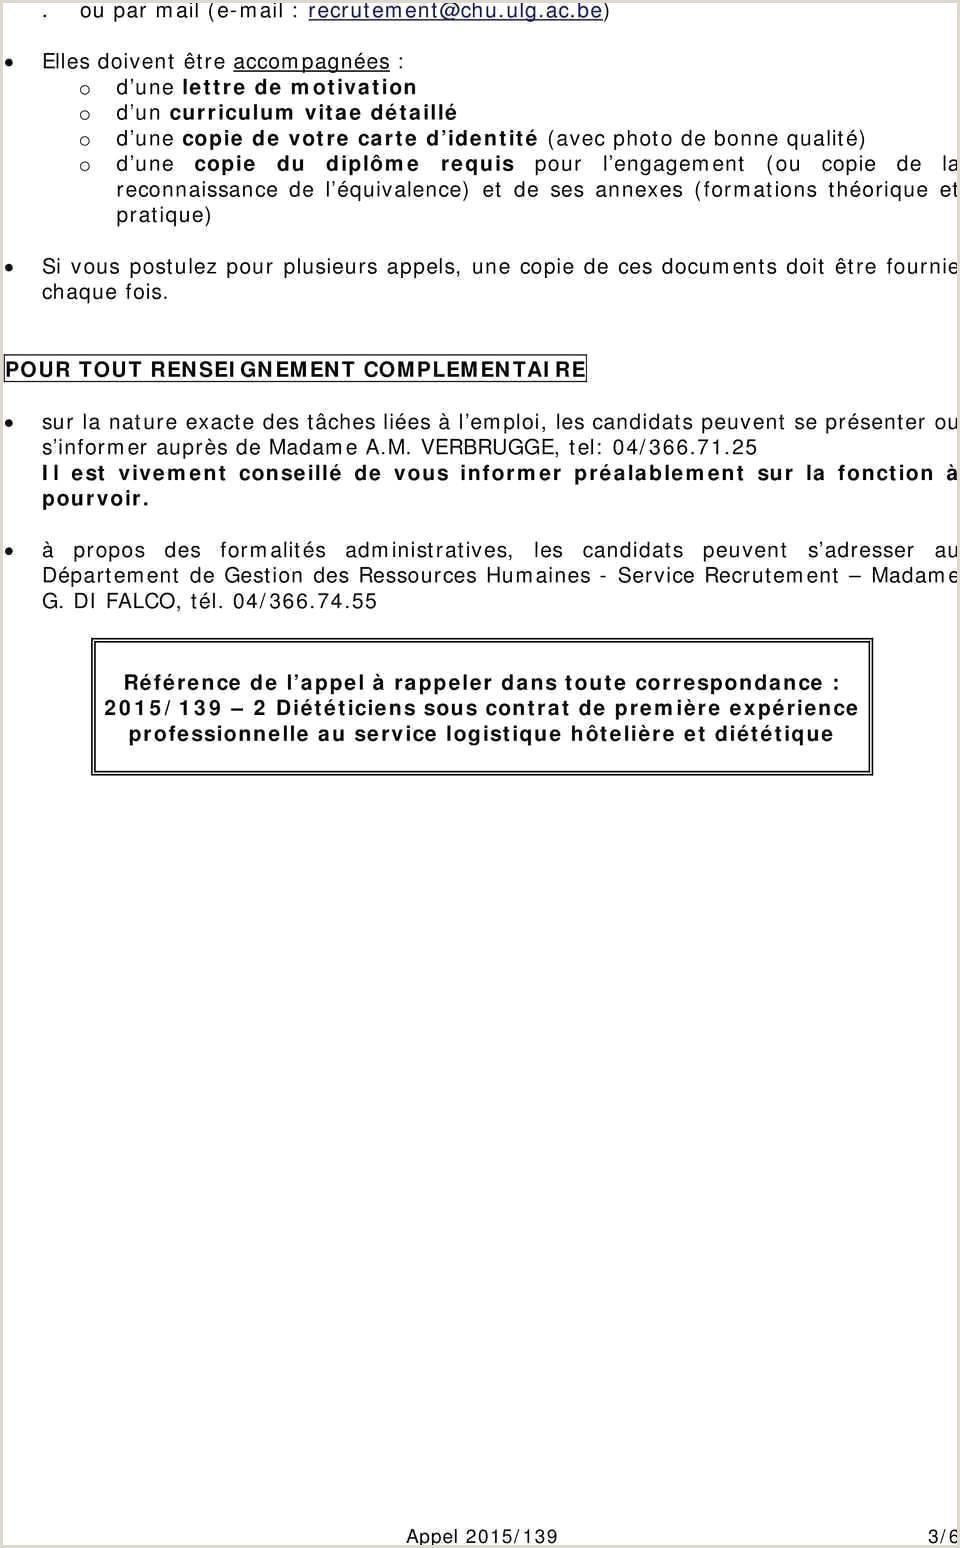 Exemple De Lettre En Word Les Meilleur Modele Cv Aide